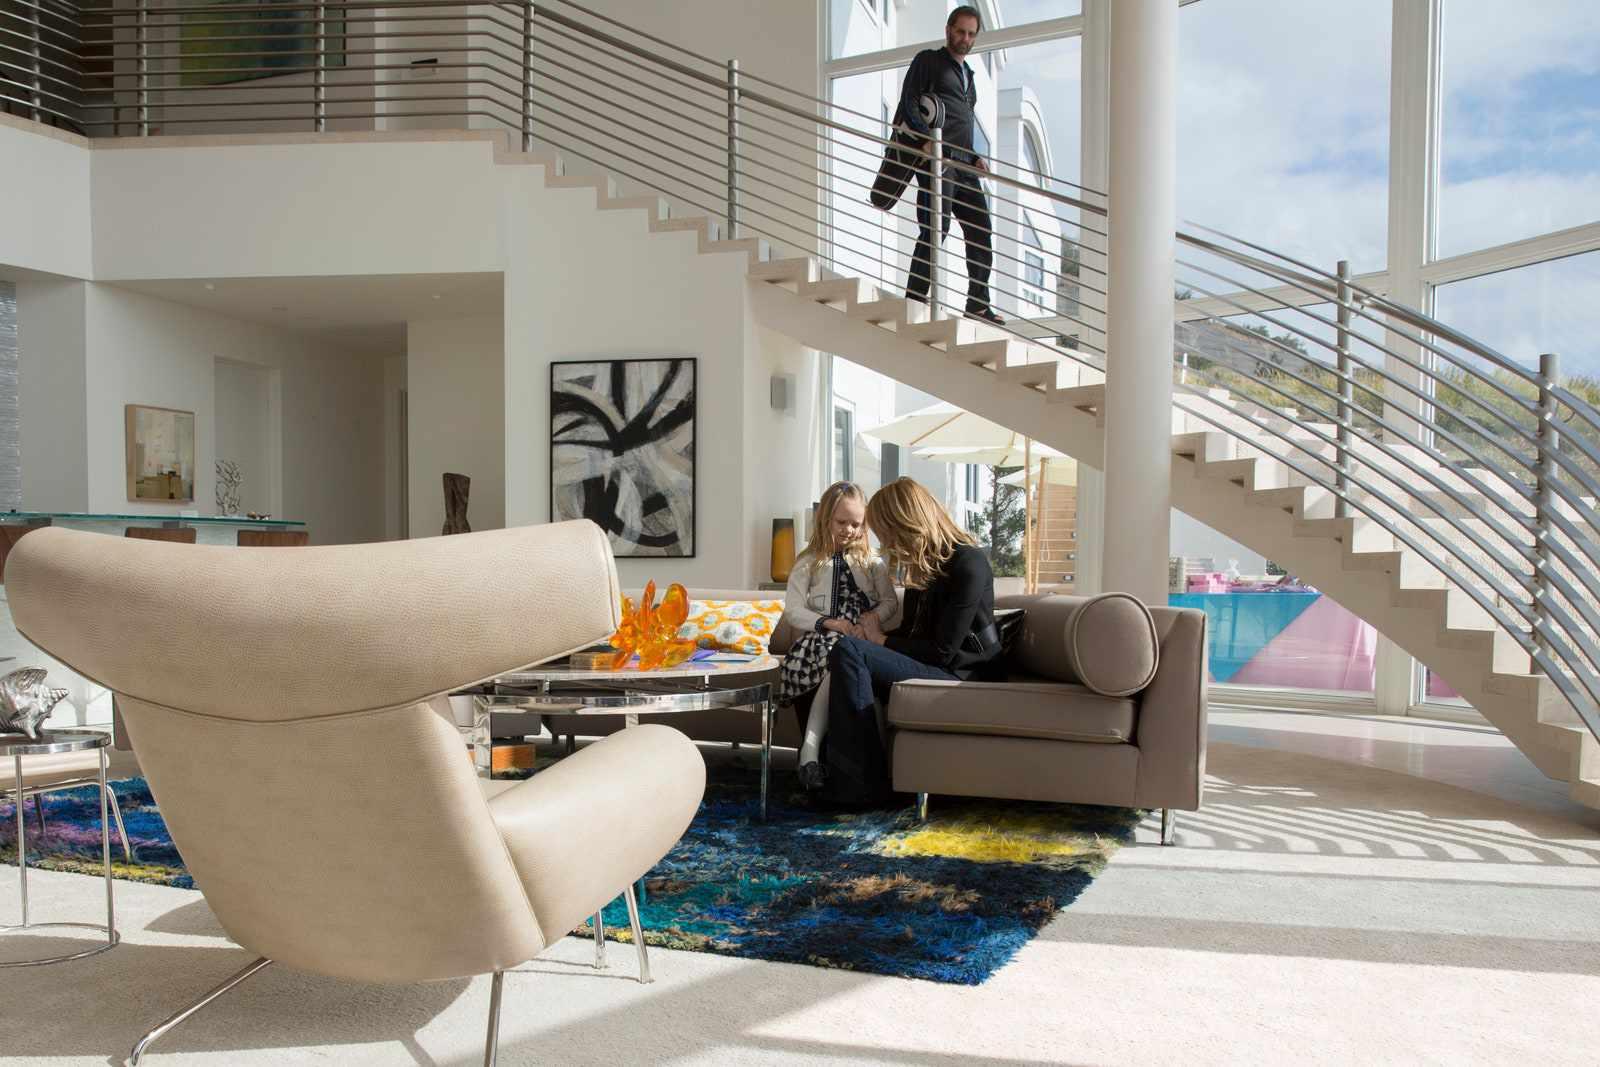 Renata Klein's home in Big Little Lies